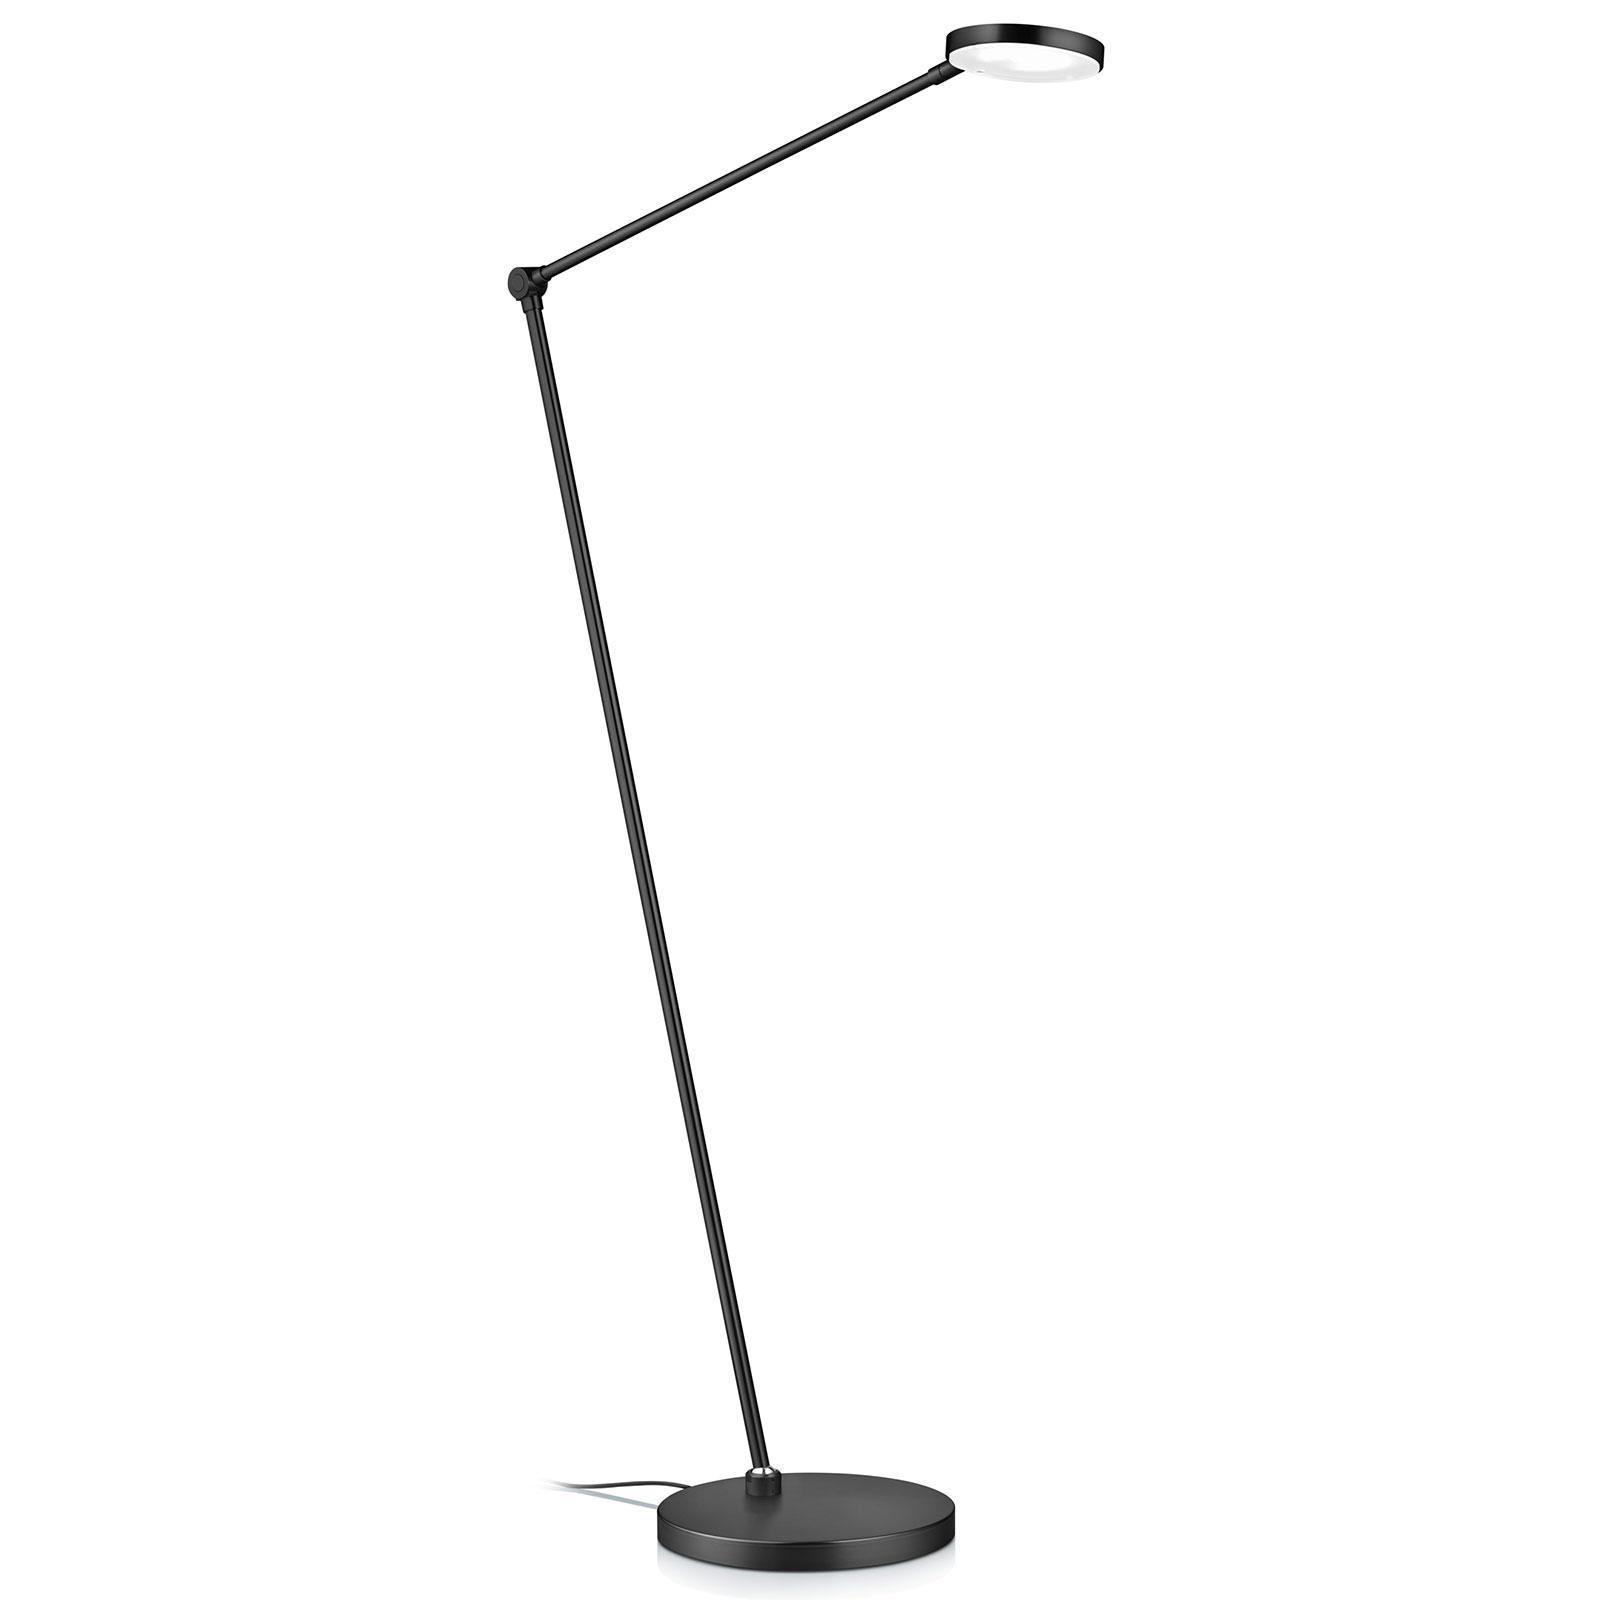 LED vloerlamp Thea-S gebarenbediening, zwart